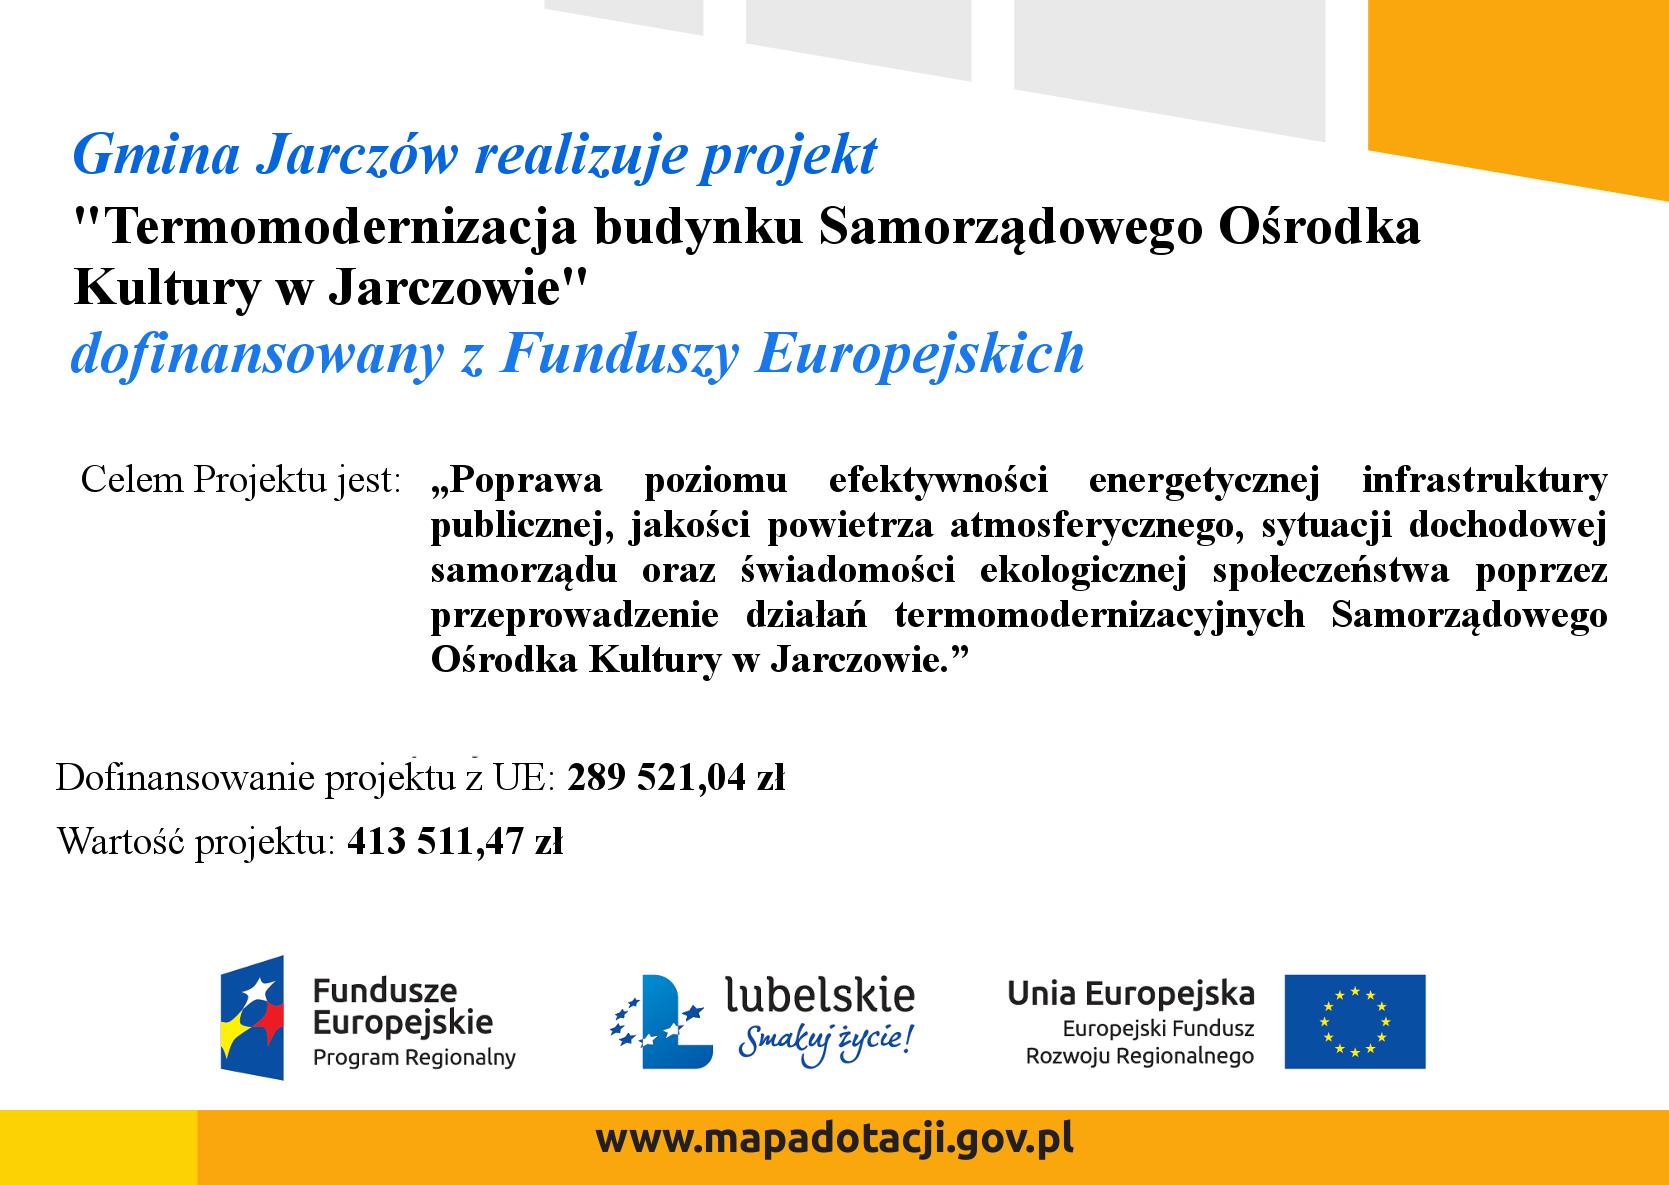 Plakat informujący o dofinansowaniu termomodernizacji